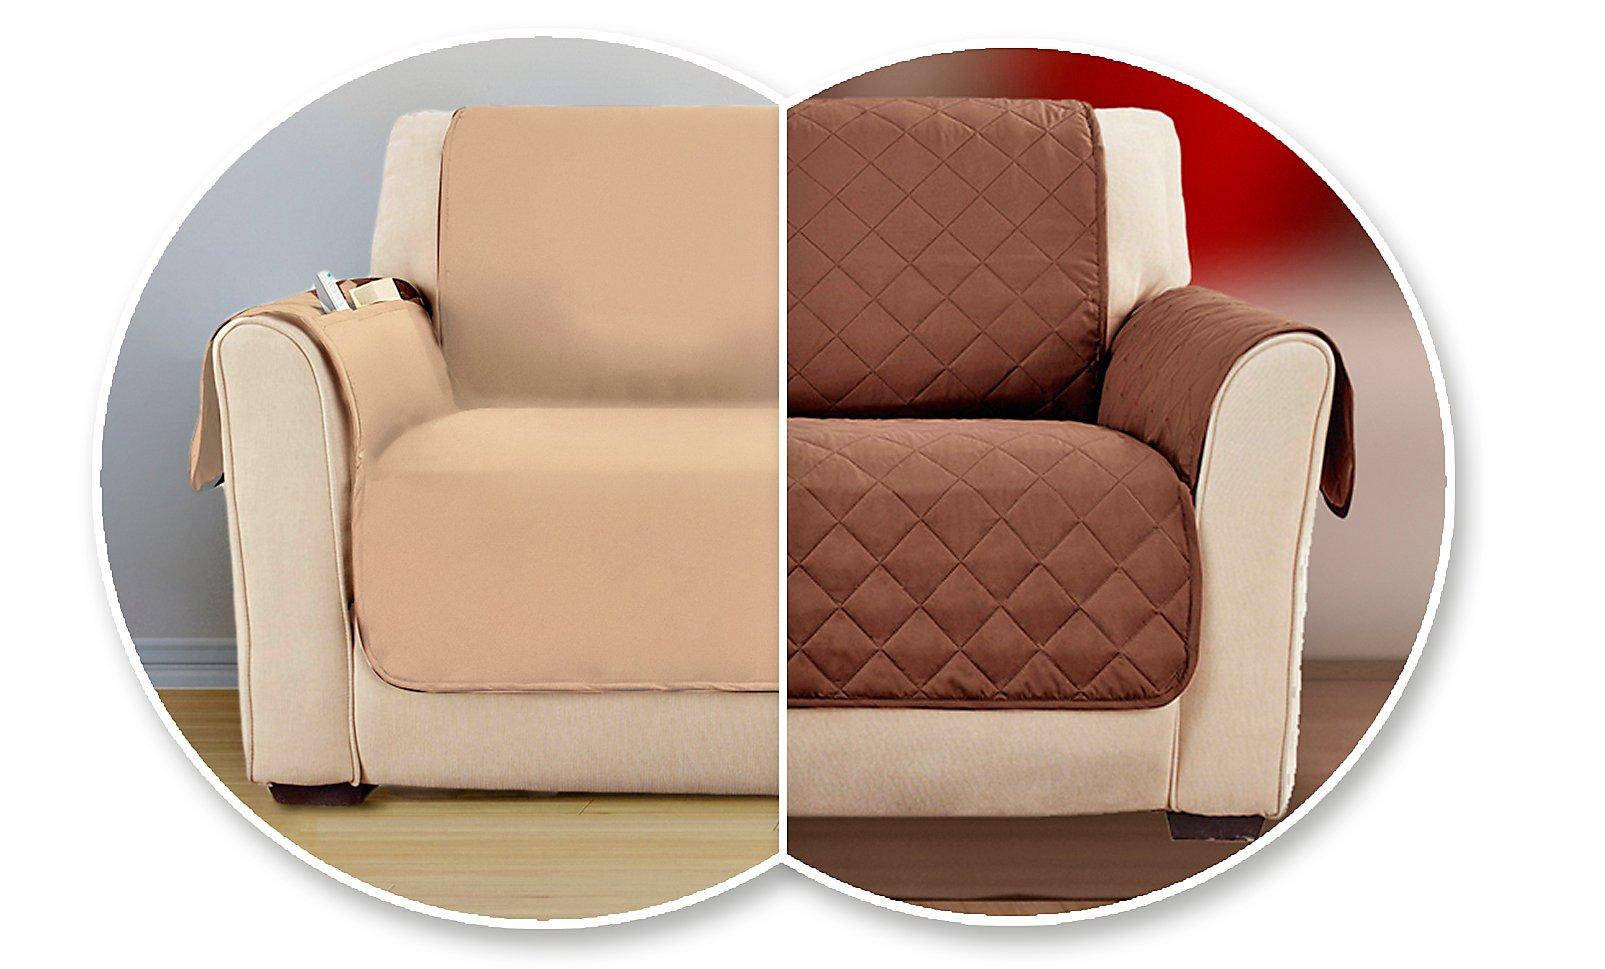 Wende Schutzdecke 2 In 1 2er Couch Bestellen Weltbildch